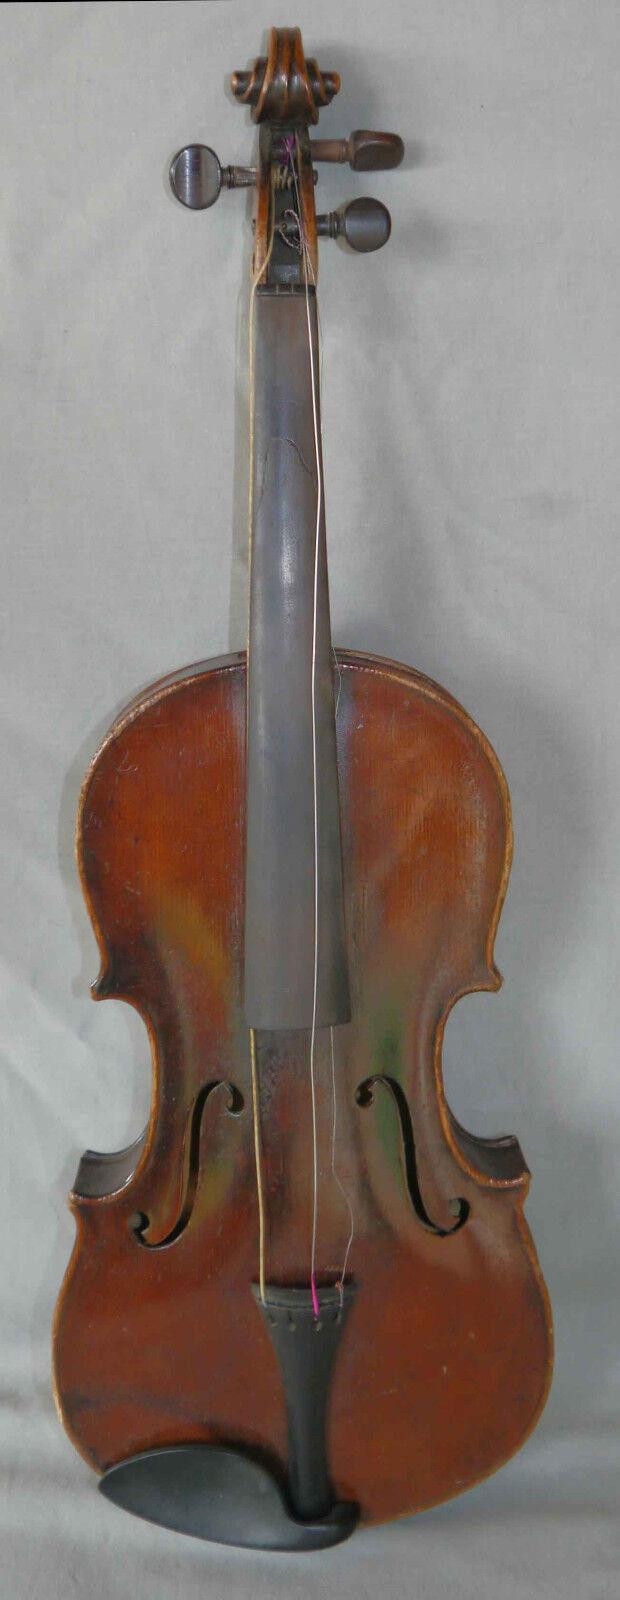 Rare violon ancien  Emile Blondelet 4 4  à restaurer